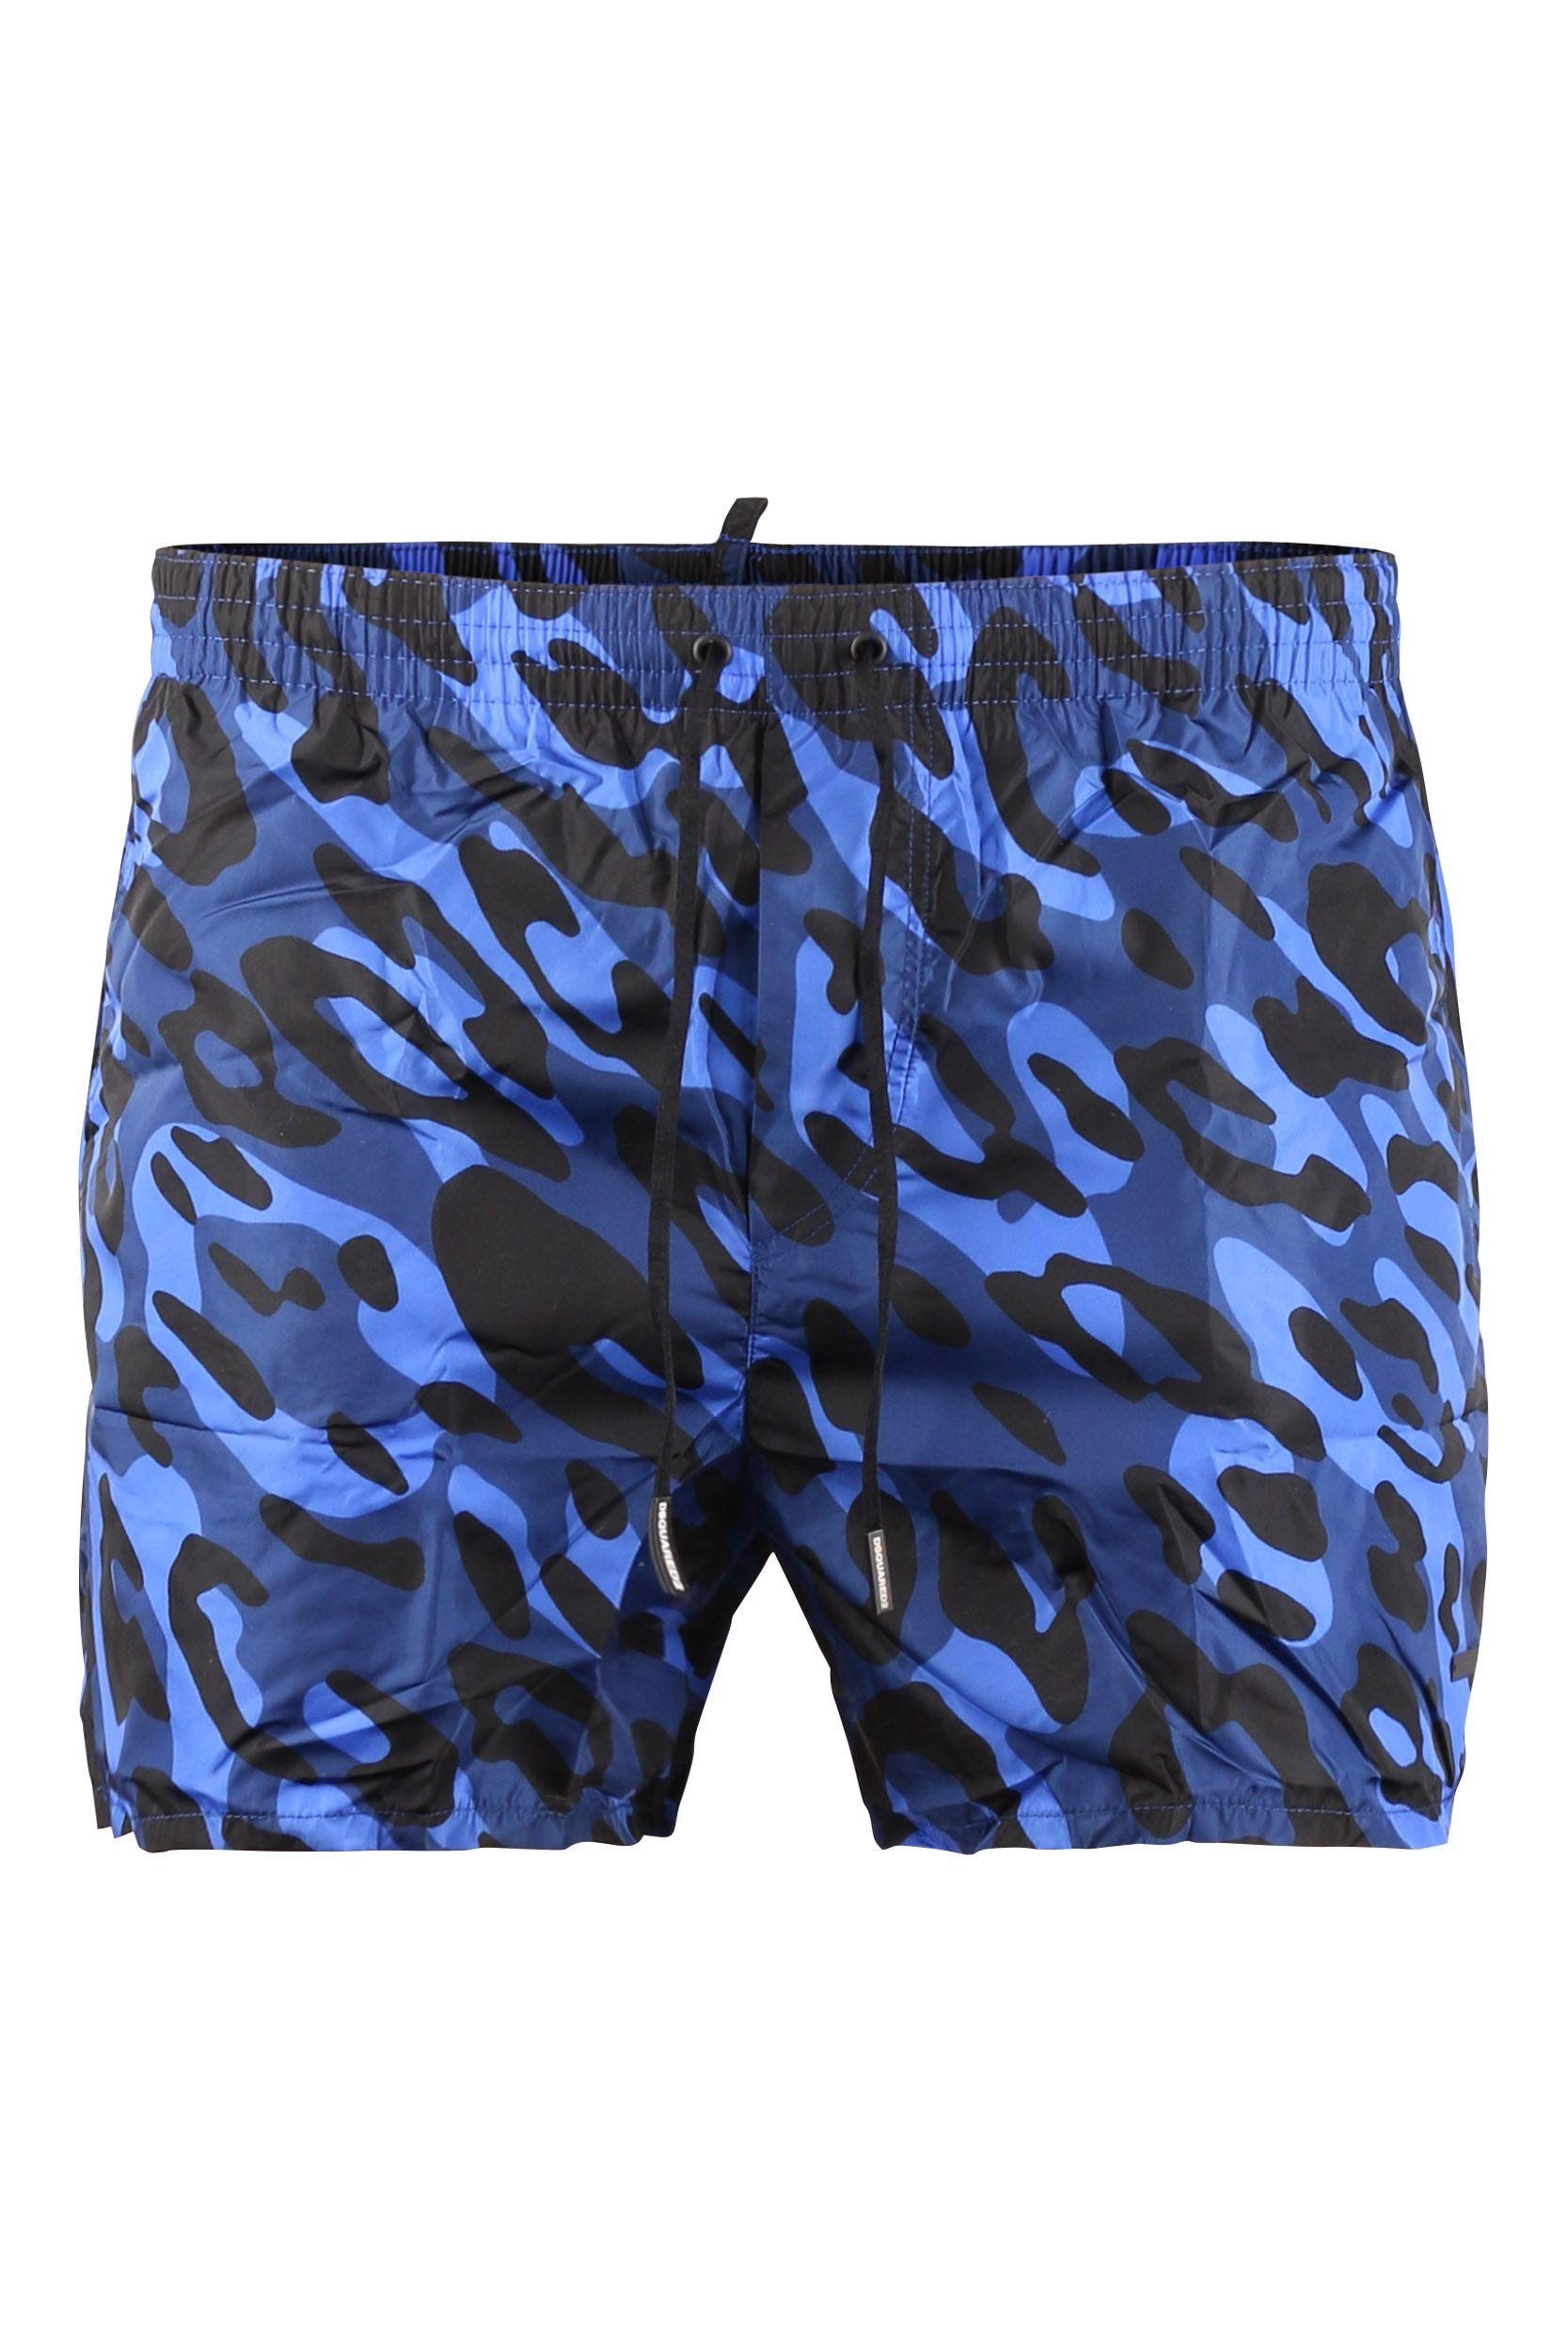 Zwembroek Short Heren.Dsquared2 D7b641400 Zwembroek Royaal Blauw Camouflage Winkelen